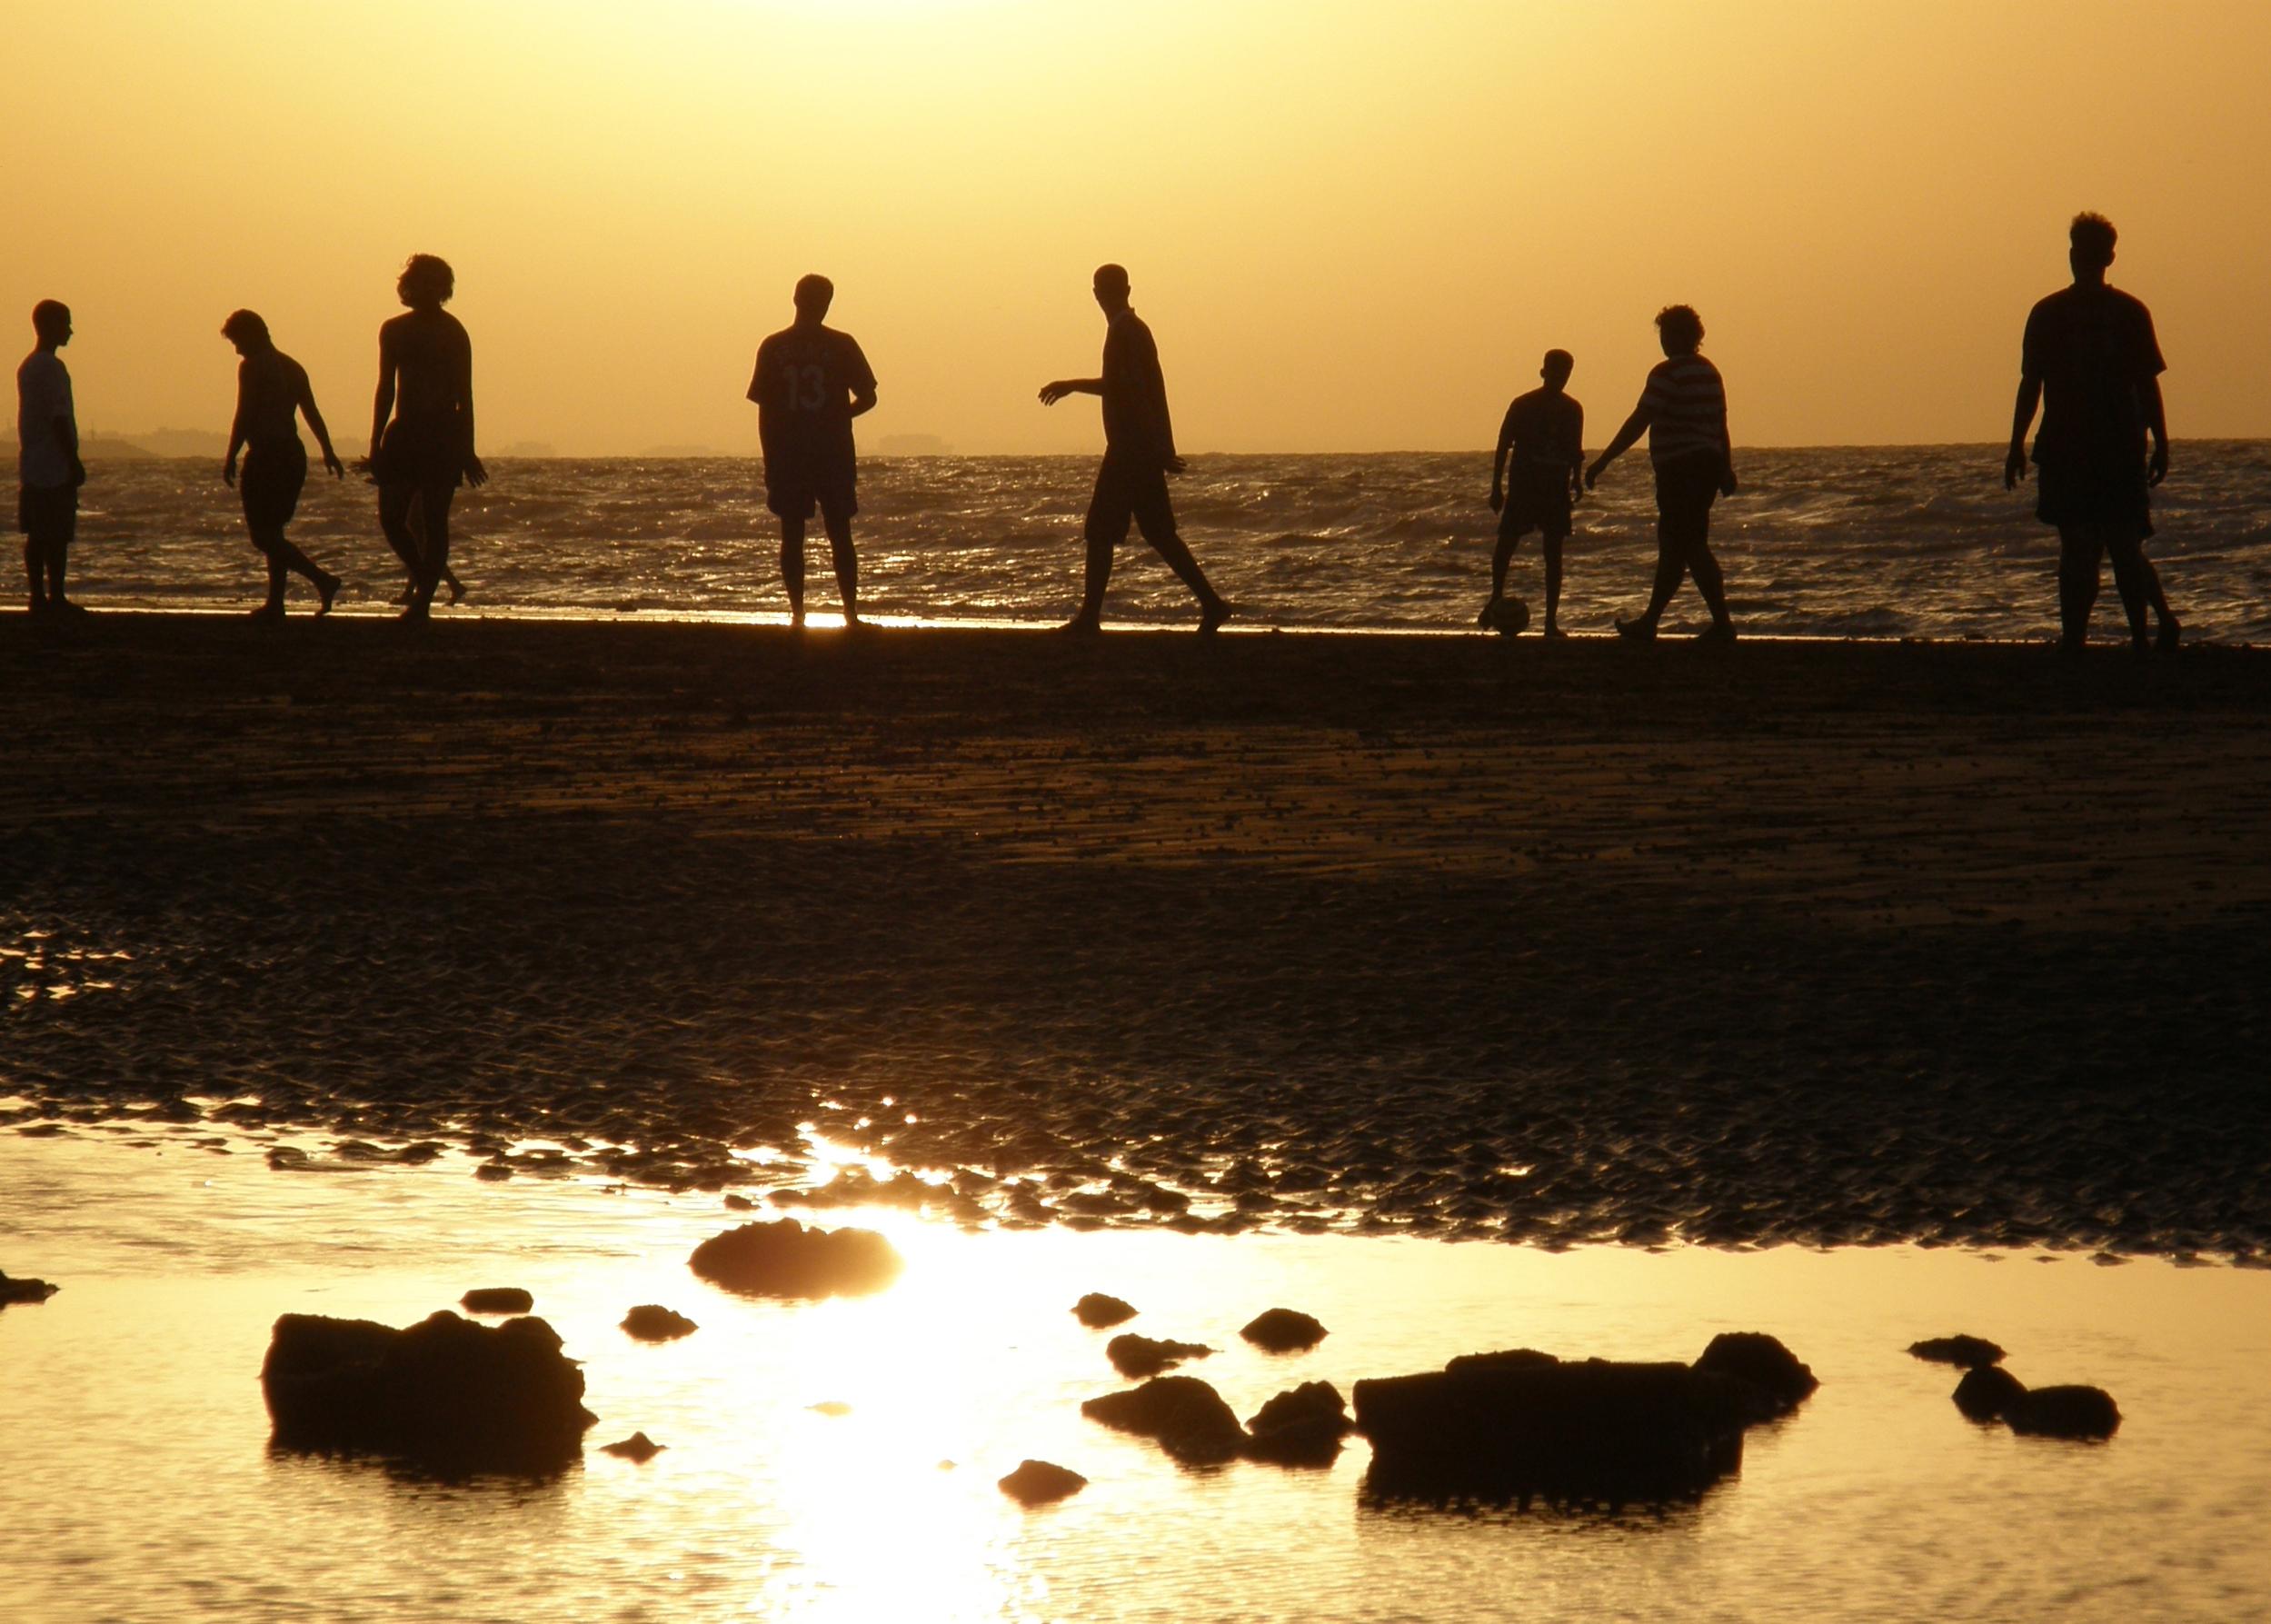 Oman Beach Football